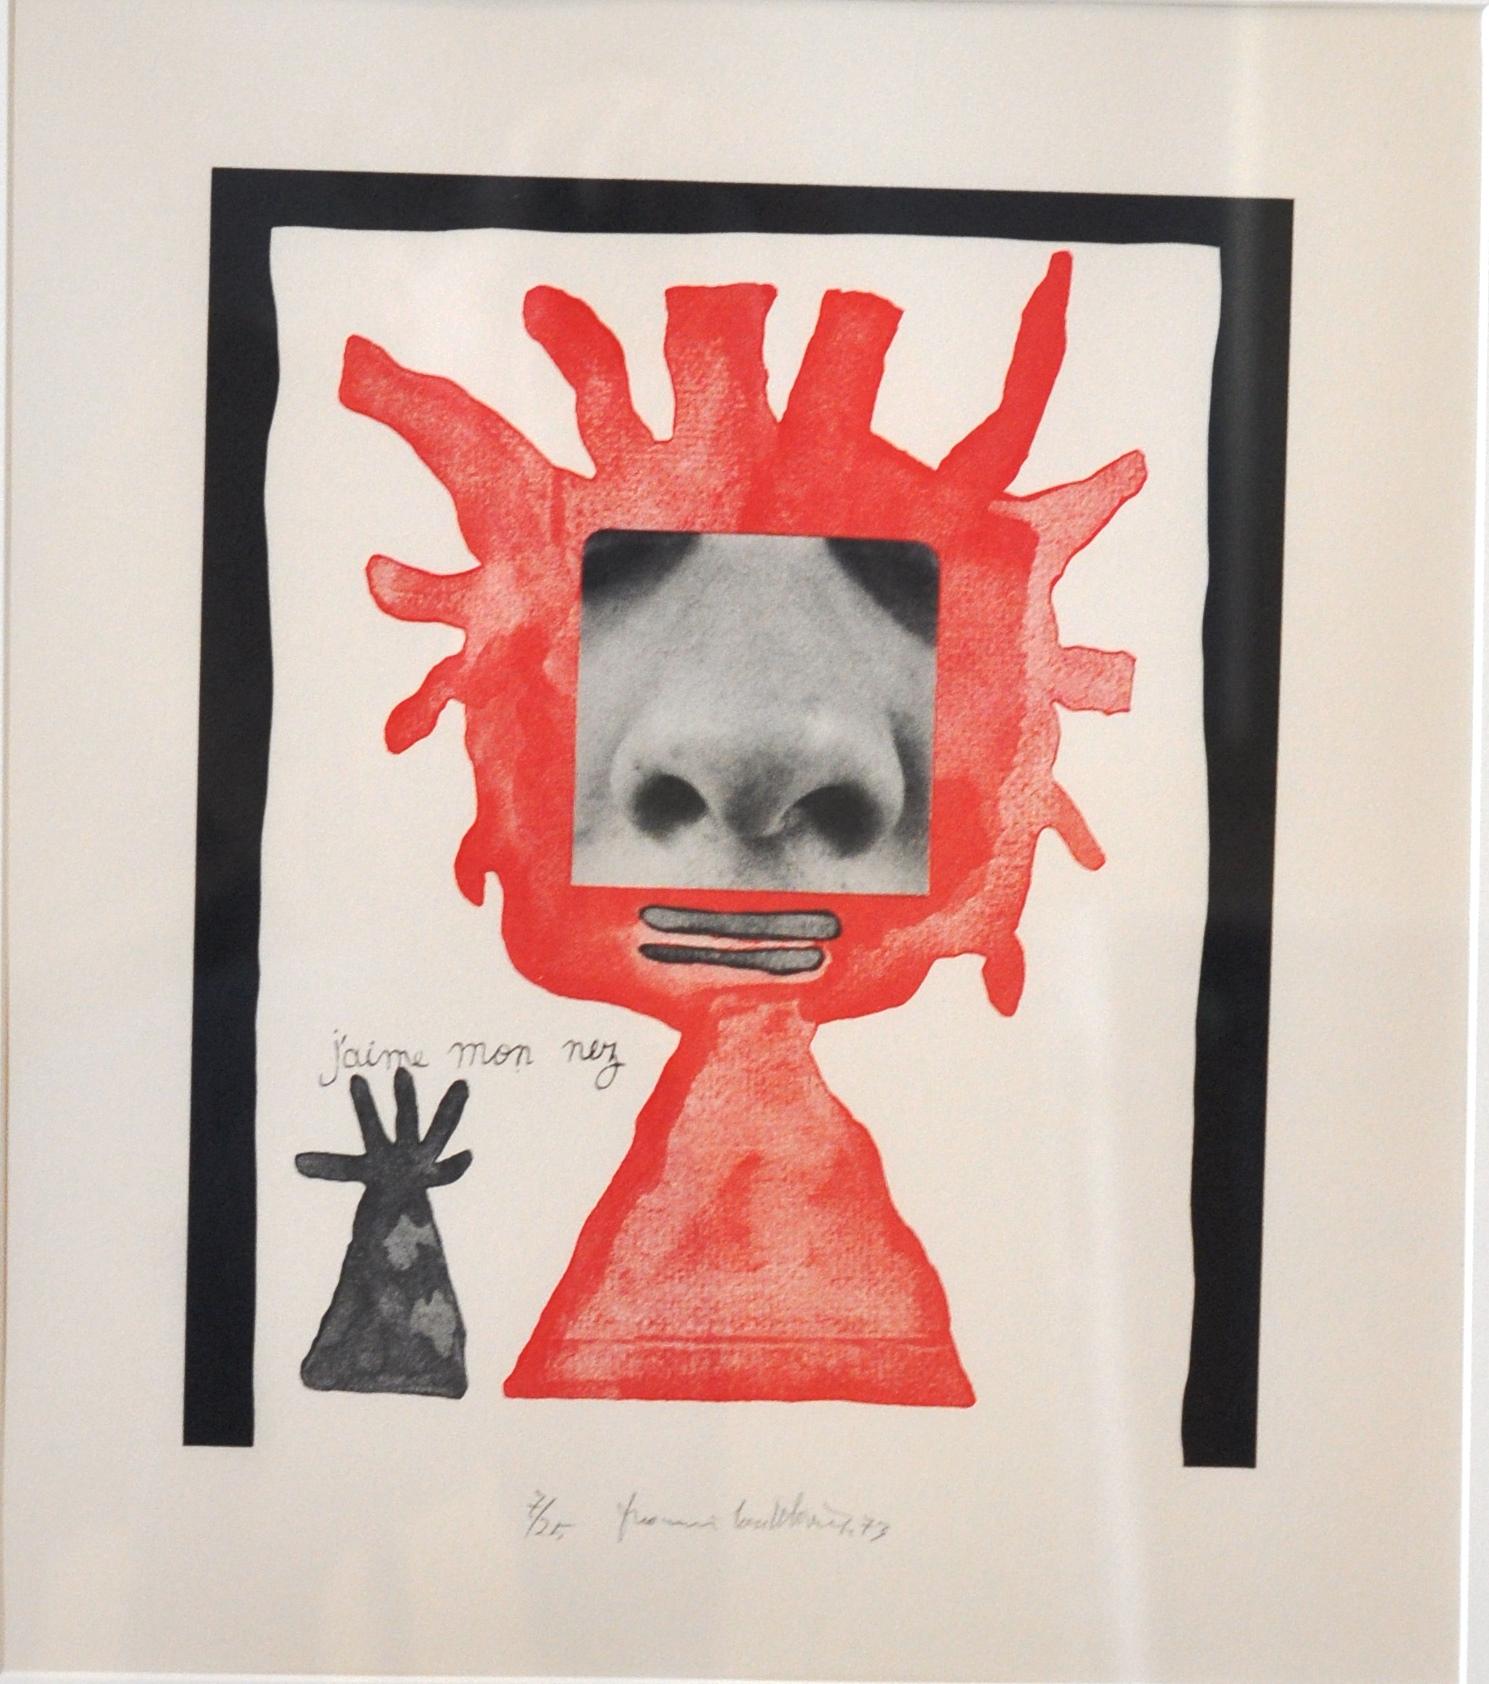 """J'aime mon nez, j'aime le pigeon, j'aime mes oreilles,  1973, Francis Coutellier, lithograph, 25.6""""   x 59.6"""", Gift of the Canada Council Art Bank"""